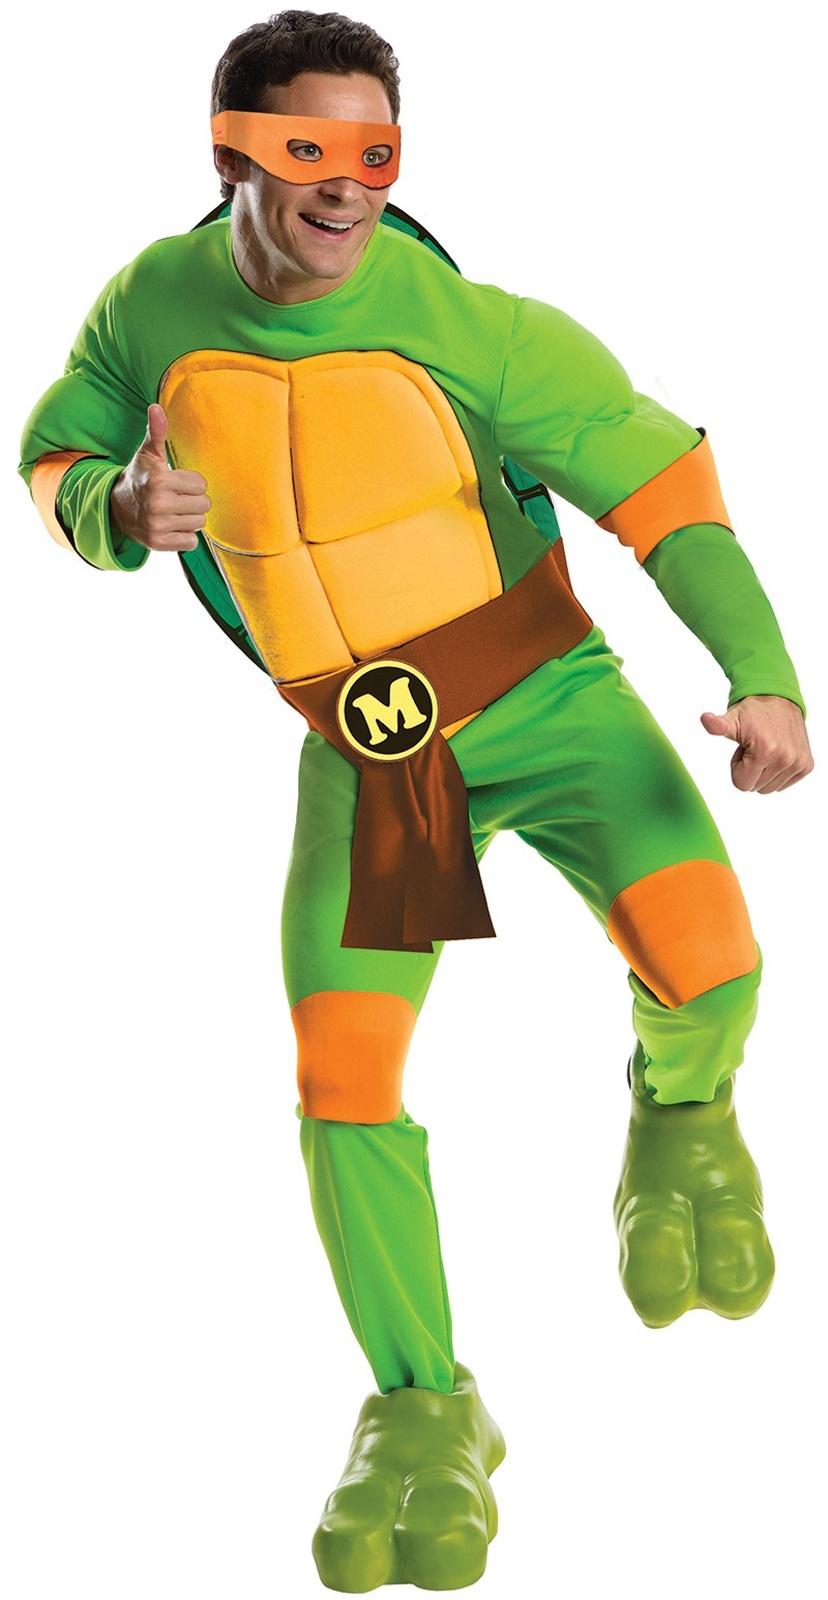 Teenage Mutant Ninja Turtles Party Supplies: Ninja Turtles Costume